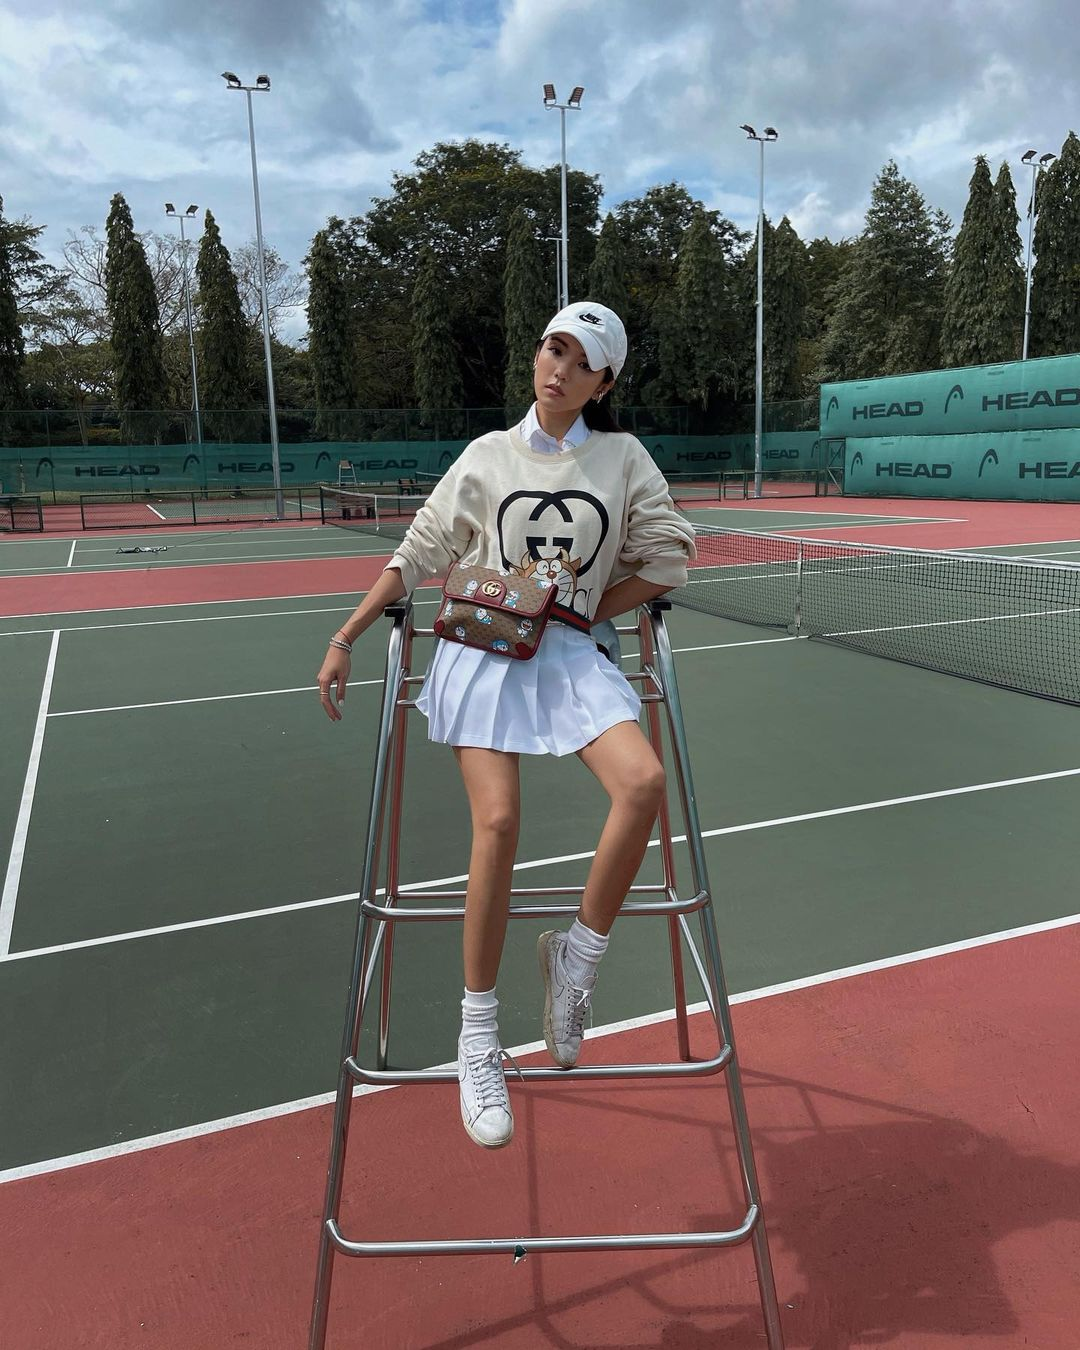 Váy tennis là ý tưởng tuyệt vời cho mùa thu - 4